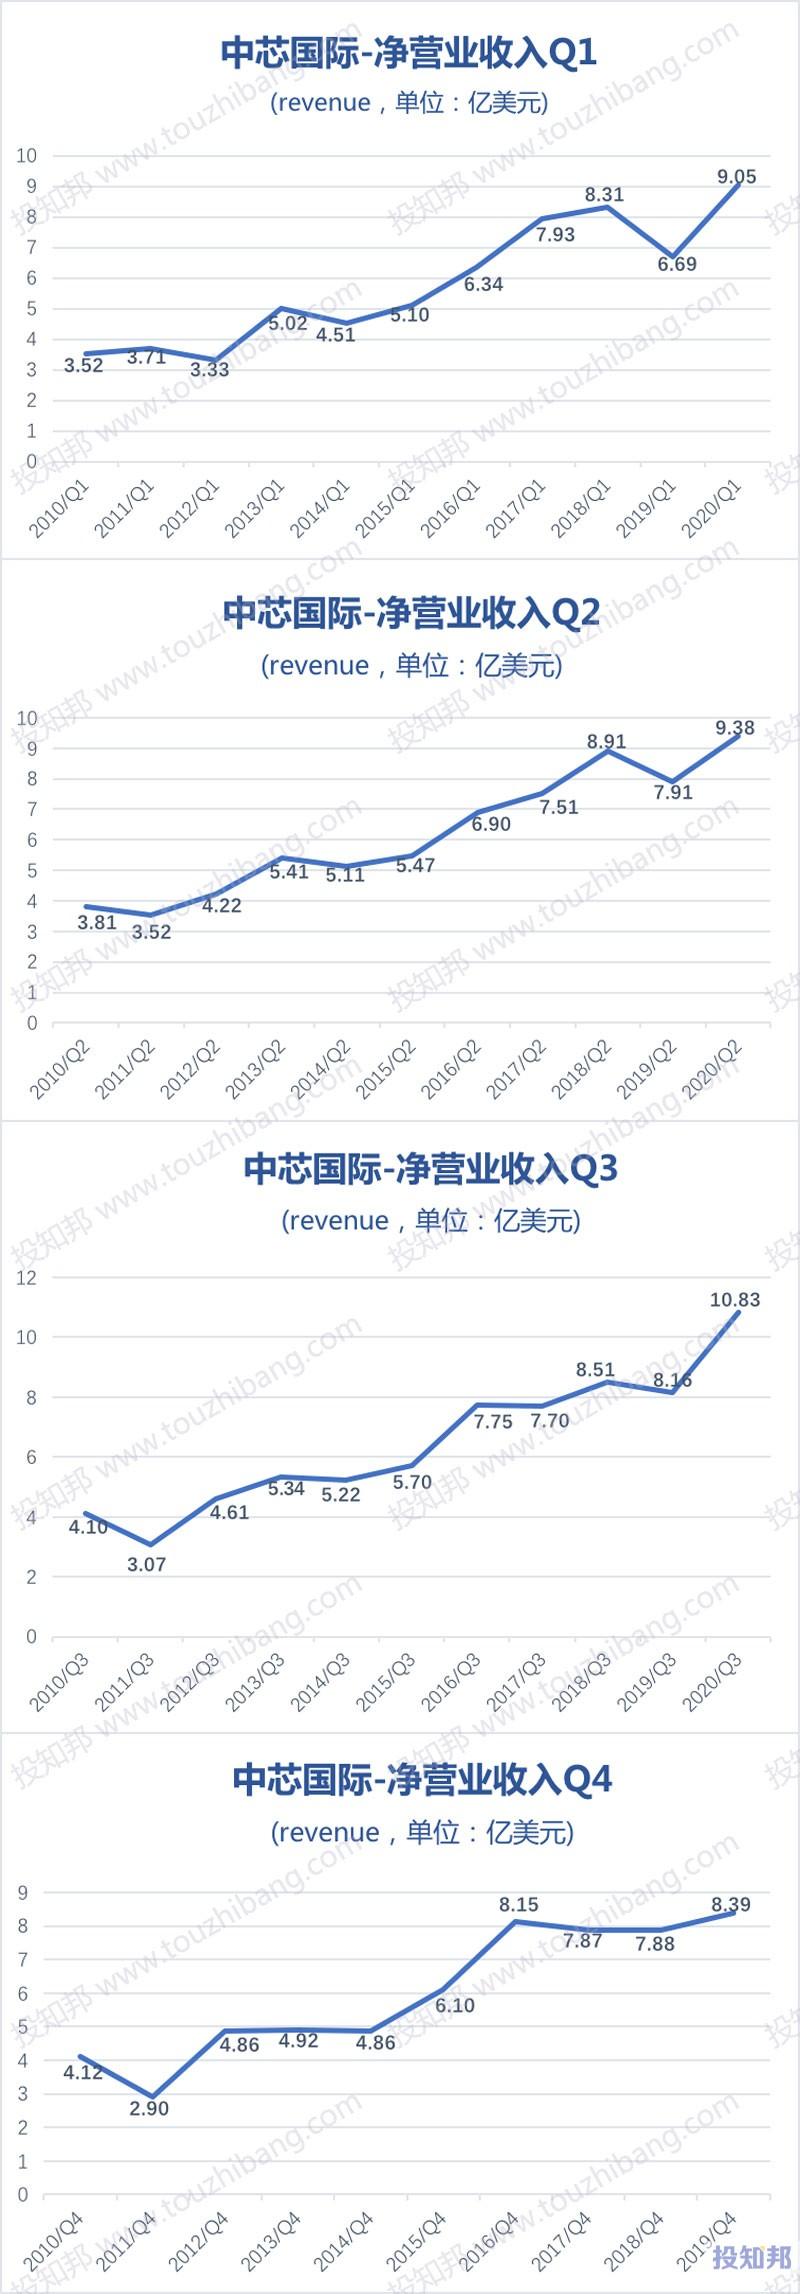 中芯国际(HK0981)财报数据图示(2010~2020年Q3,更新)